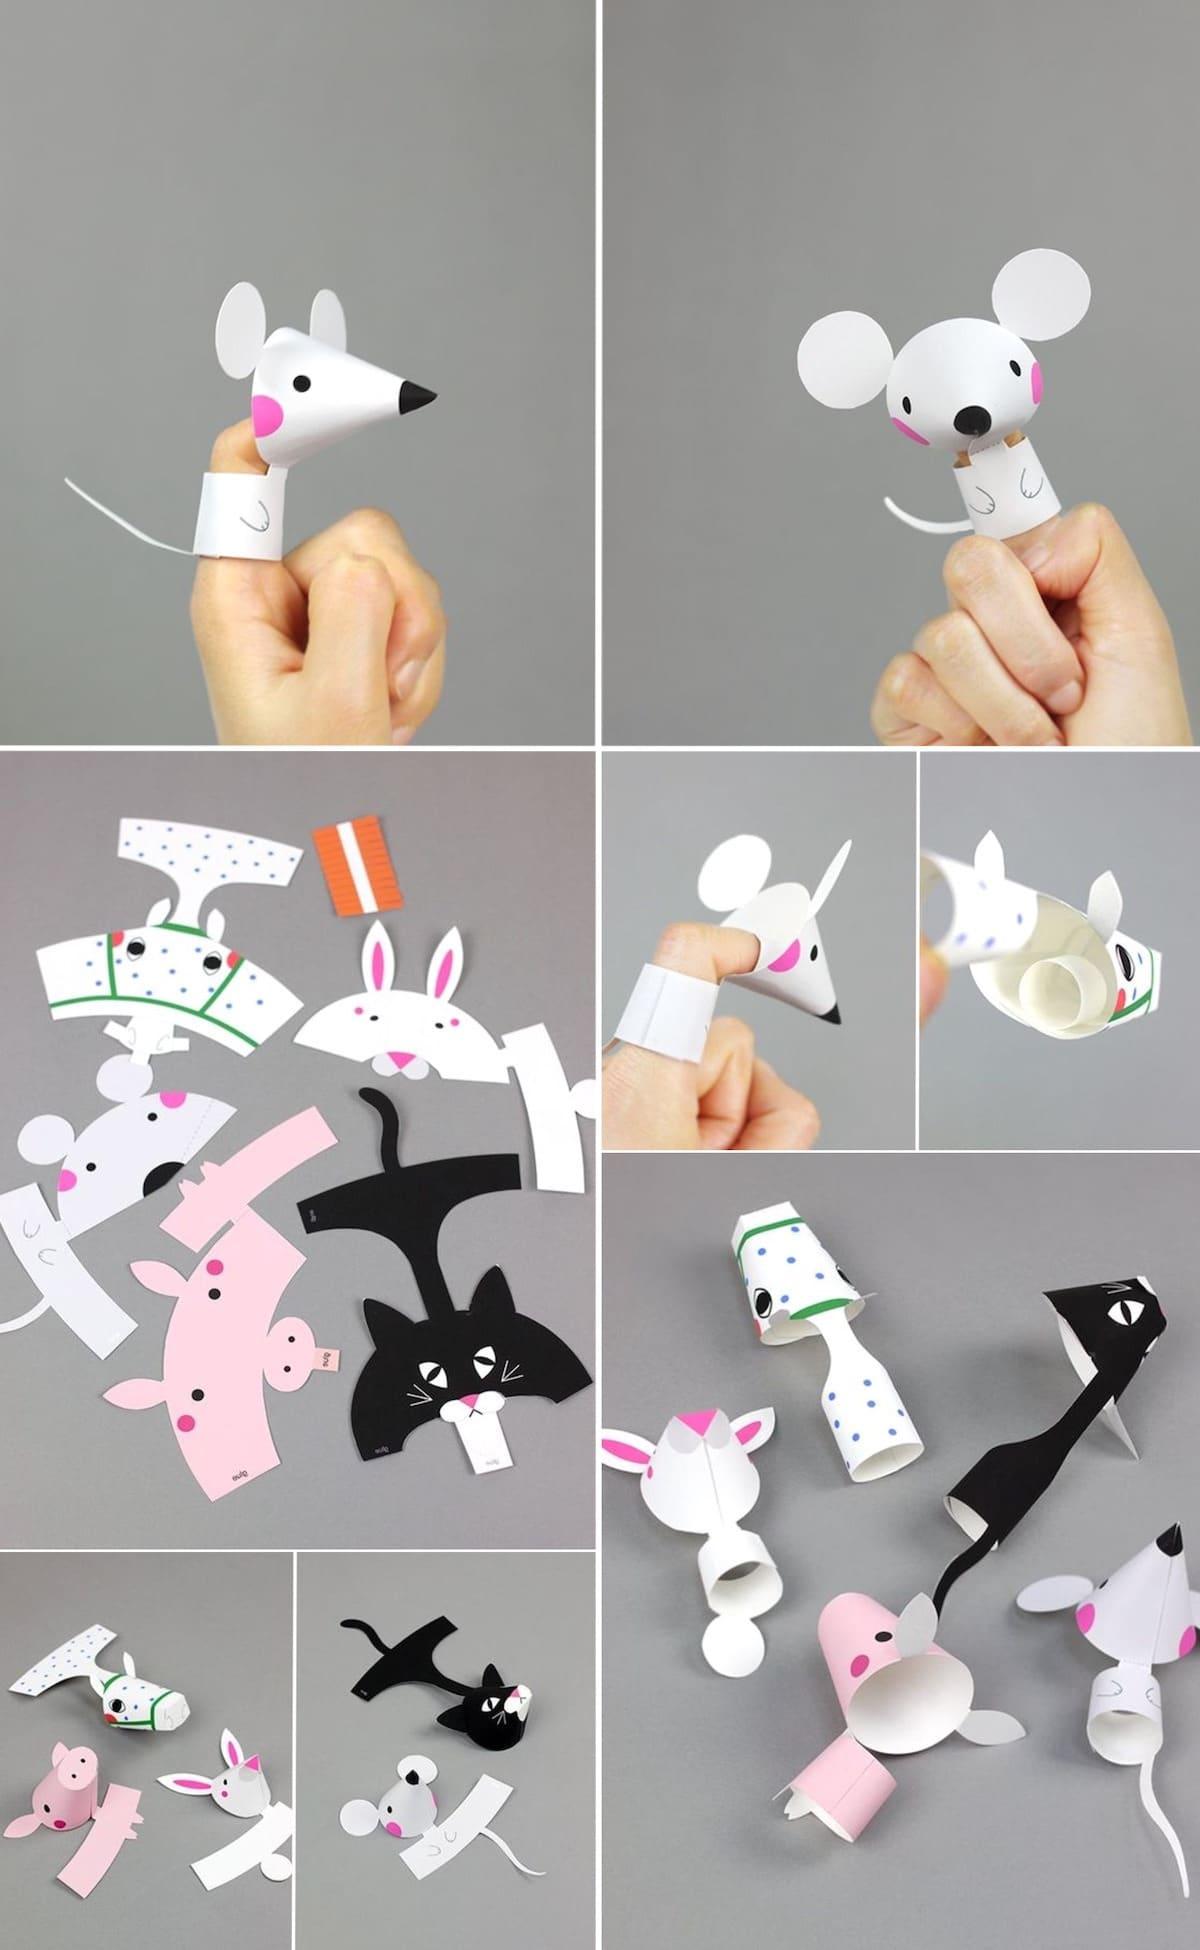 Интересные бумажные игрушки для малышей, одевающиеся на пальцы